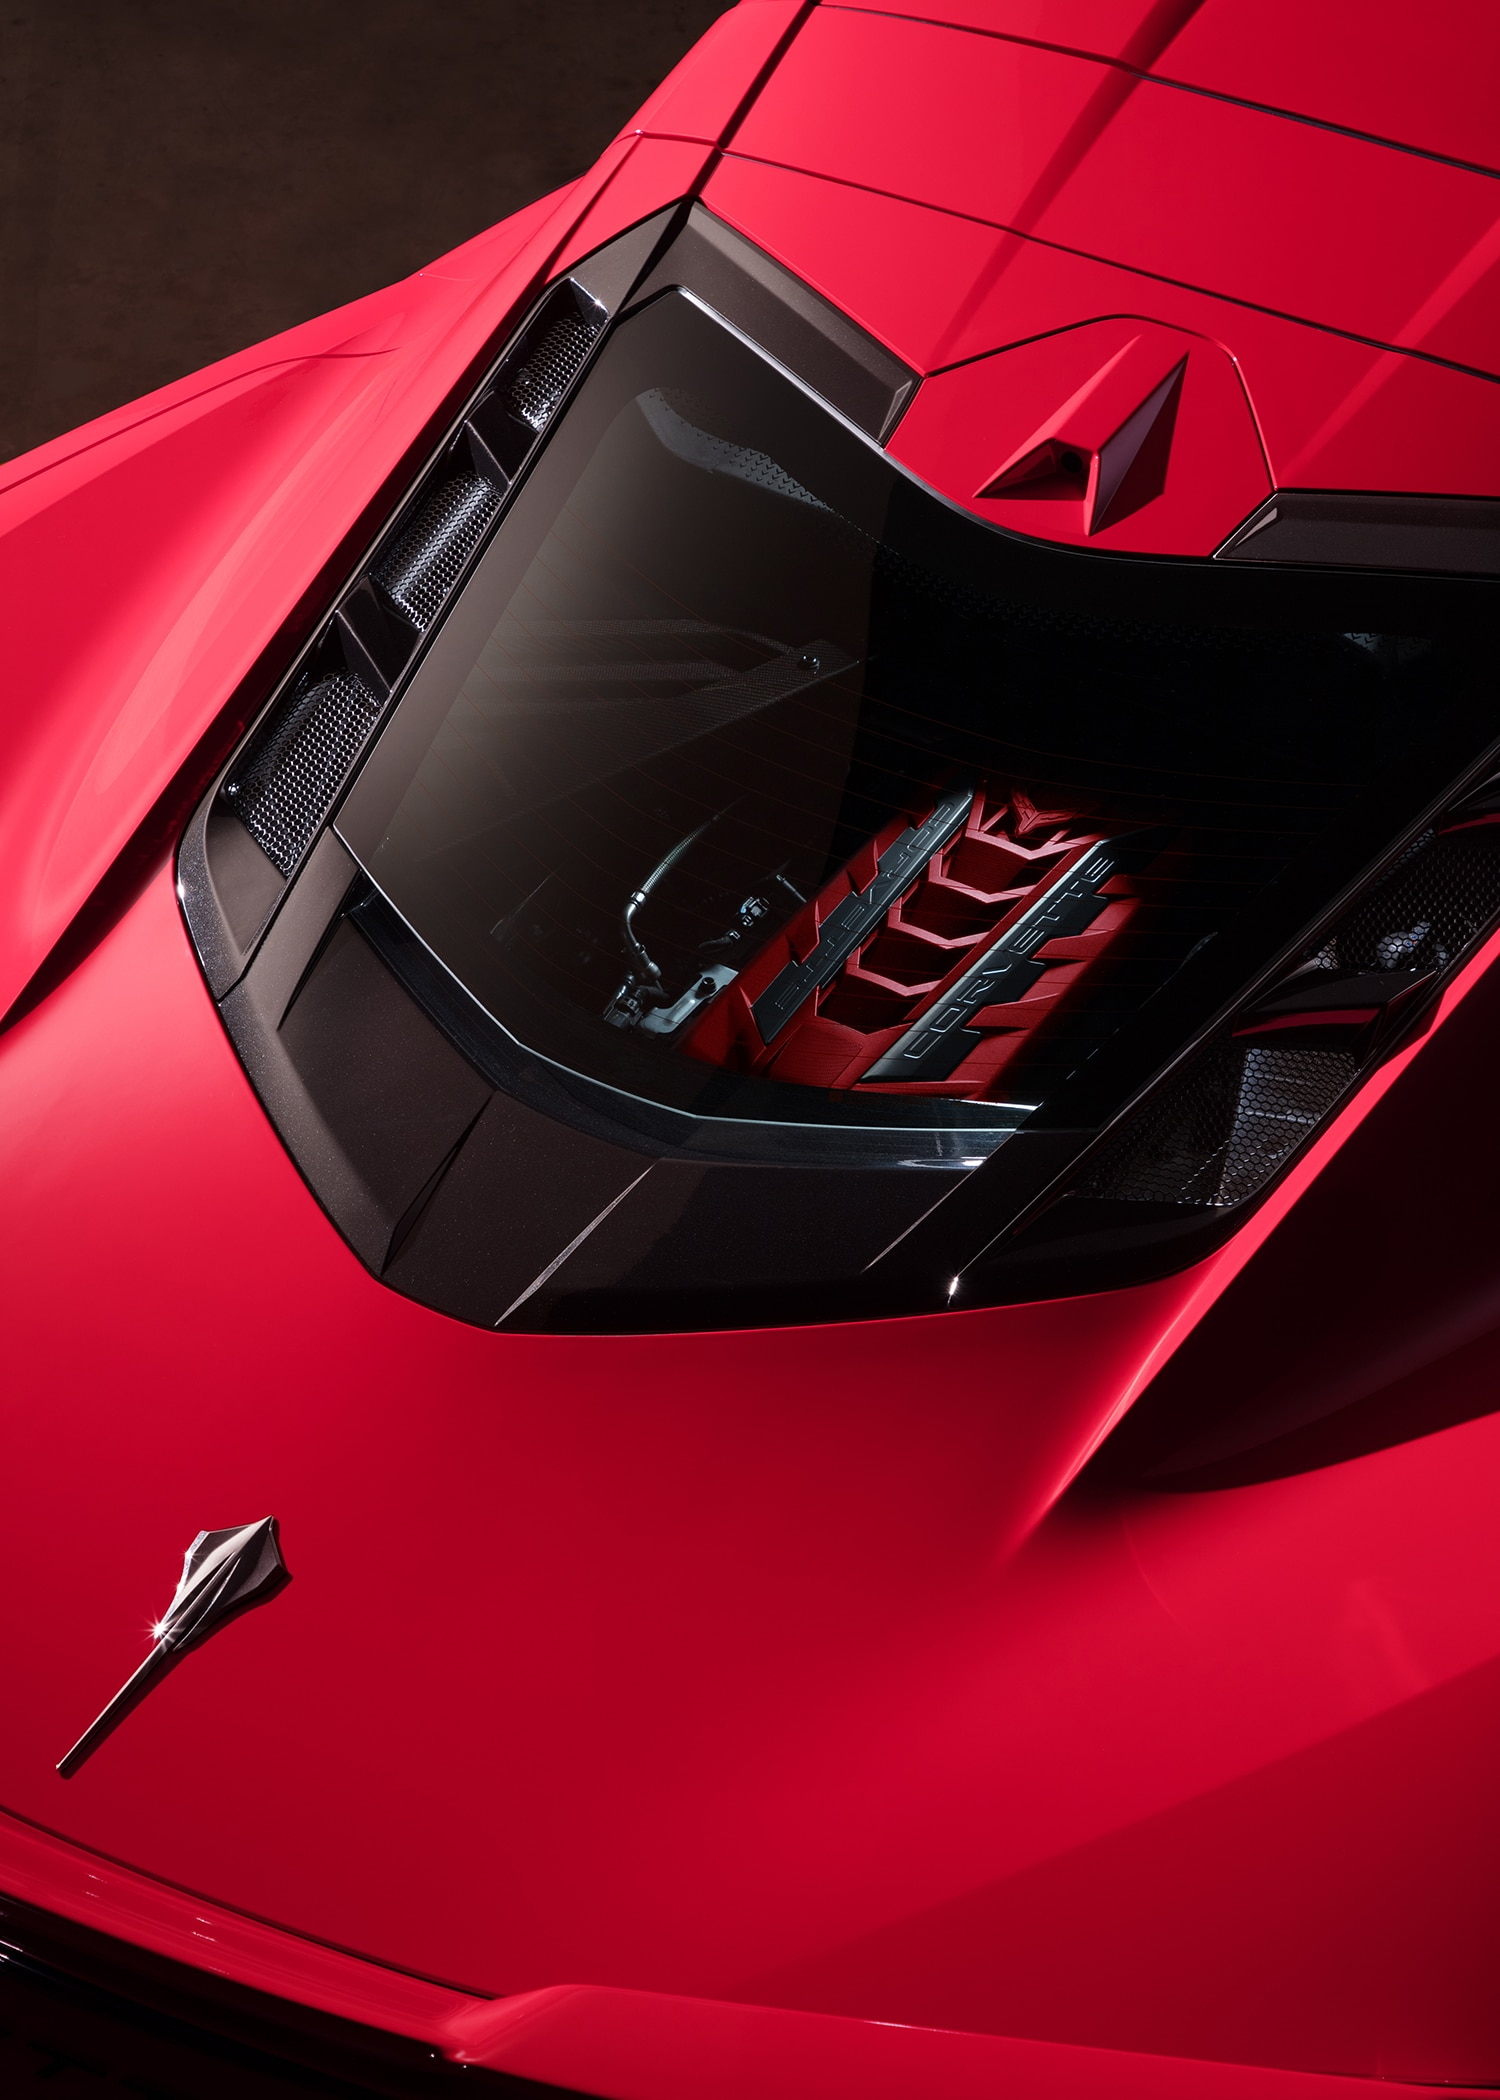 2020 Chevrolet Corvette C8 Offers 12 Paint Colors 6 Interiors